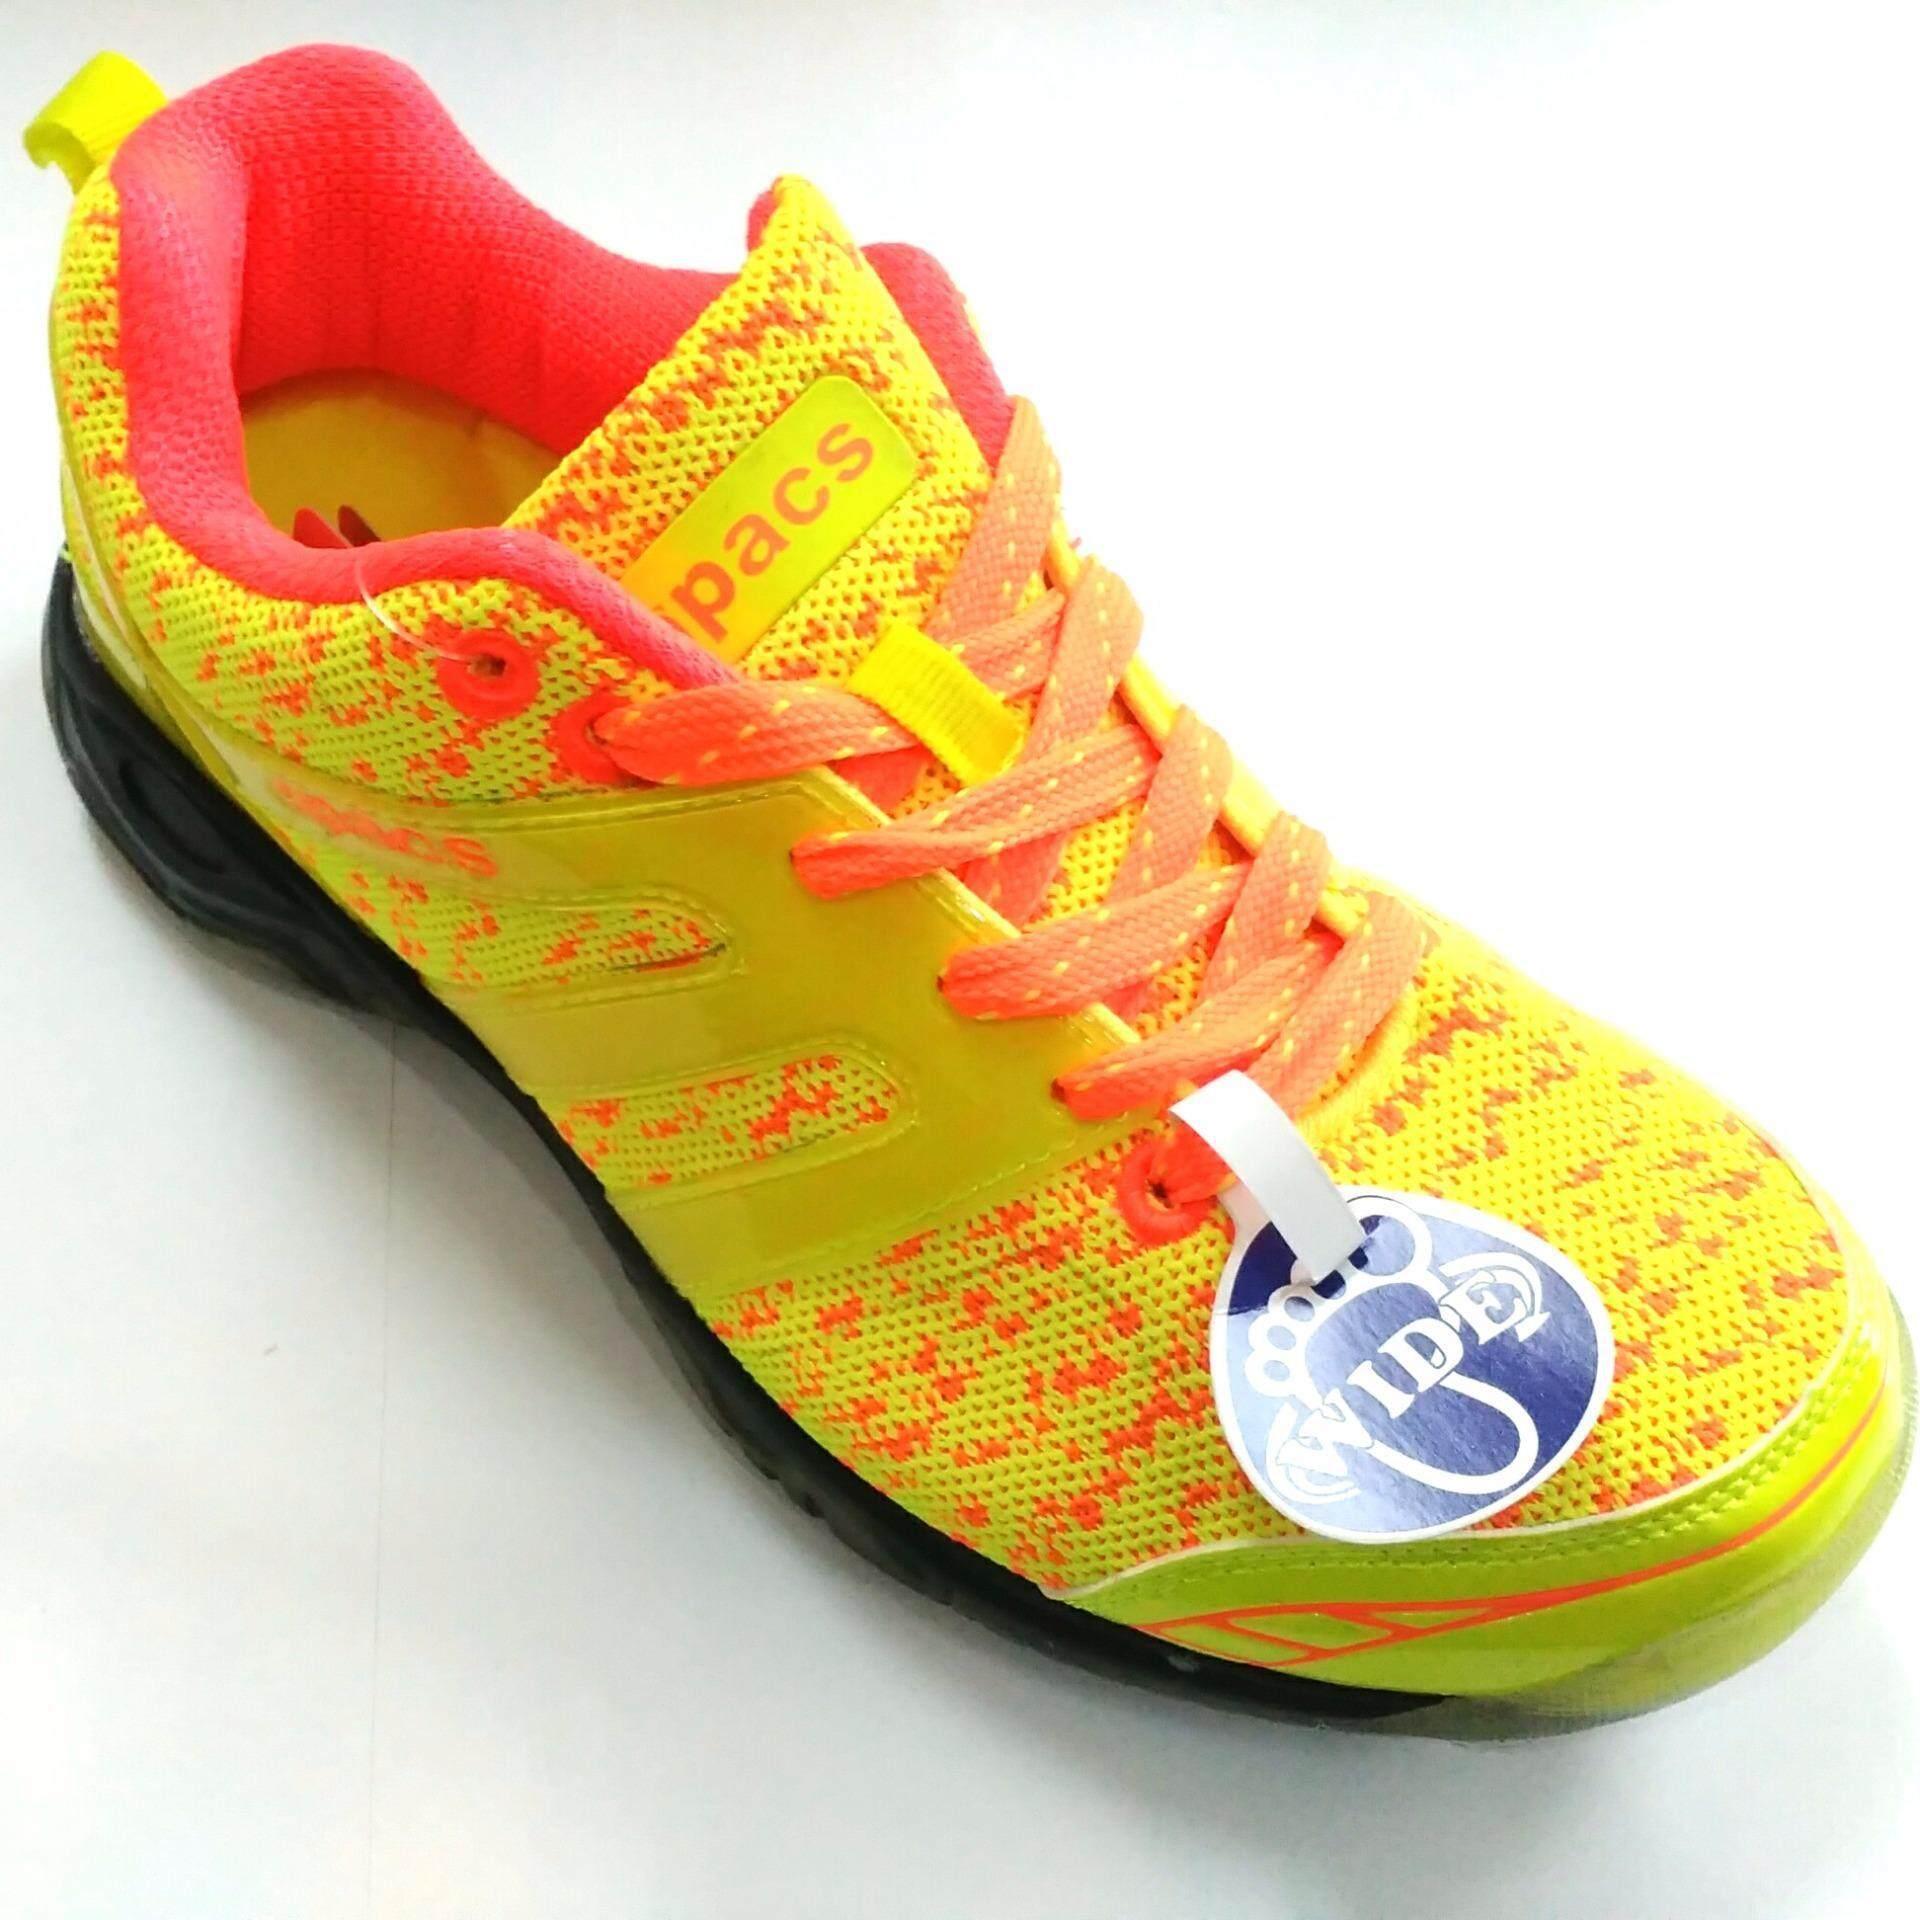 Harga Boots Sneakers Savvy Merah Dan Ulasannya Toko Hornacko Indonesia Source · Apacs Shoes CP 072